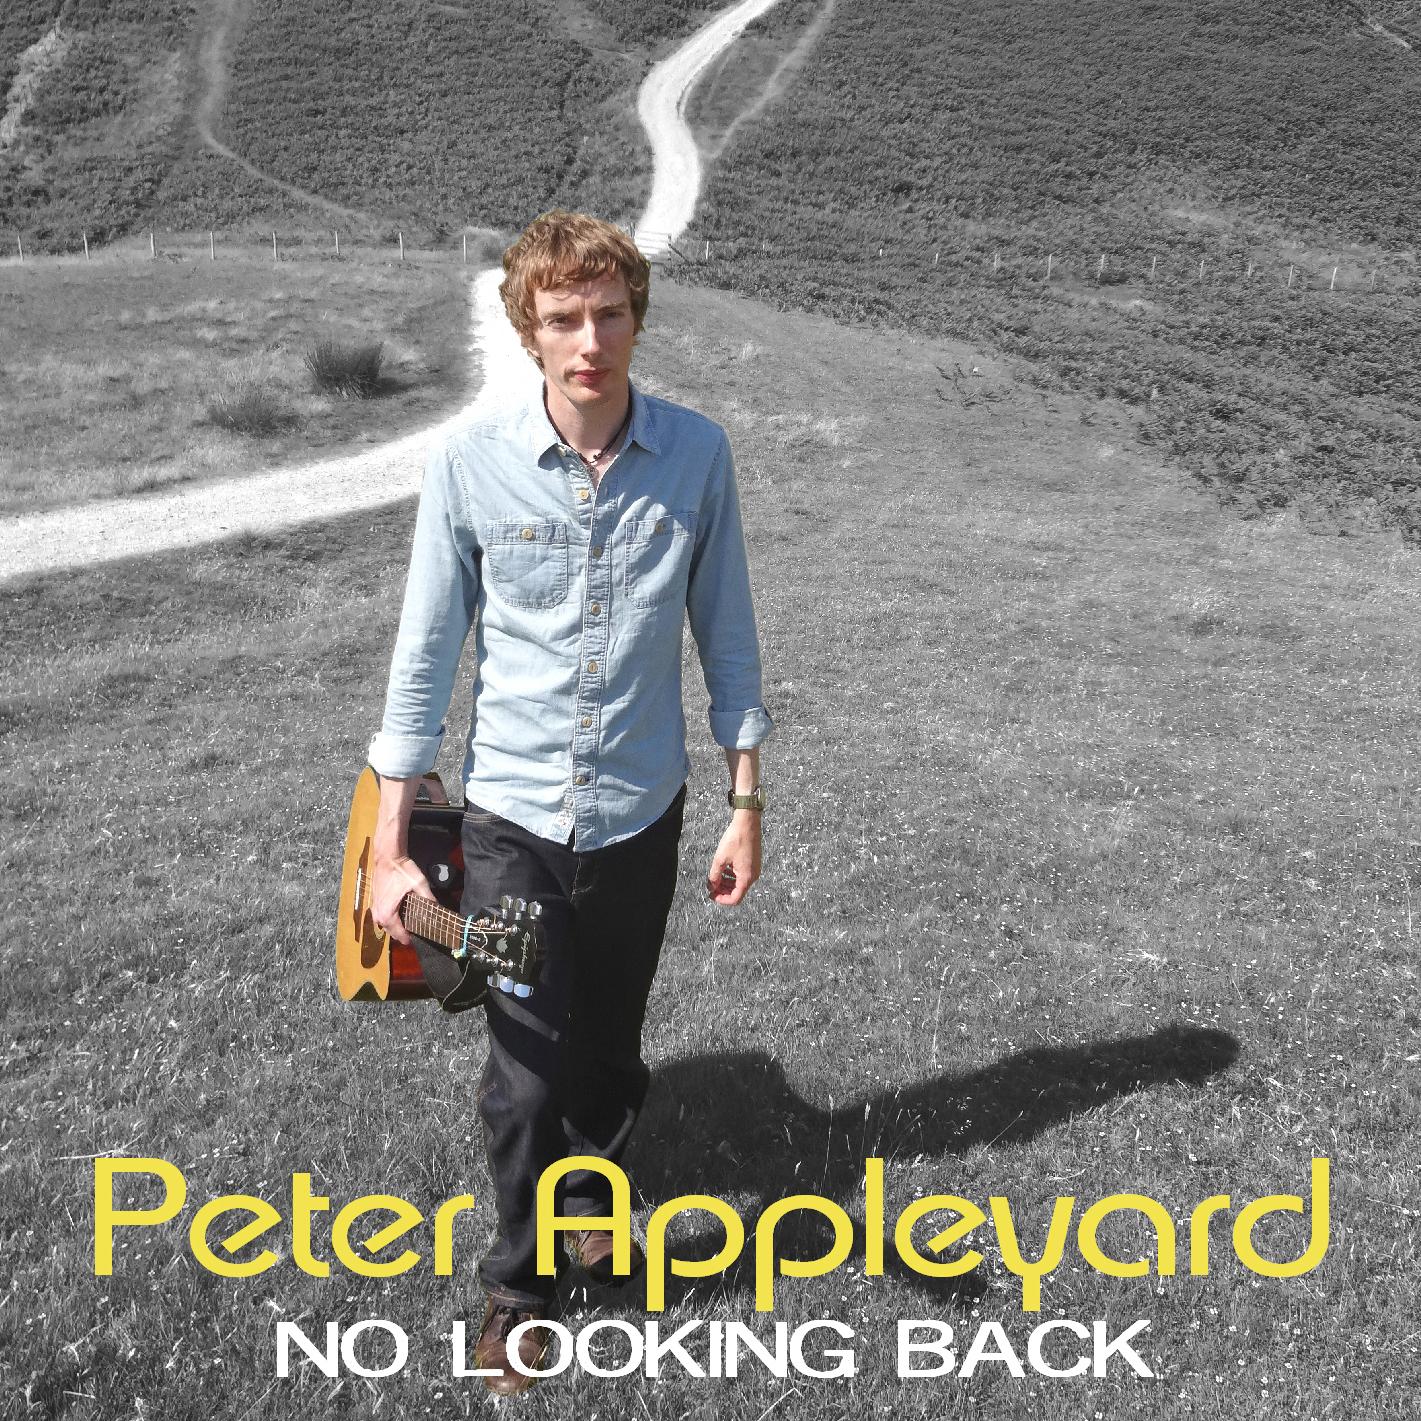 No Looking Back - Digital download - Peter Appleyard